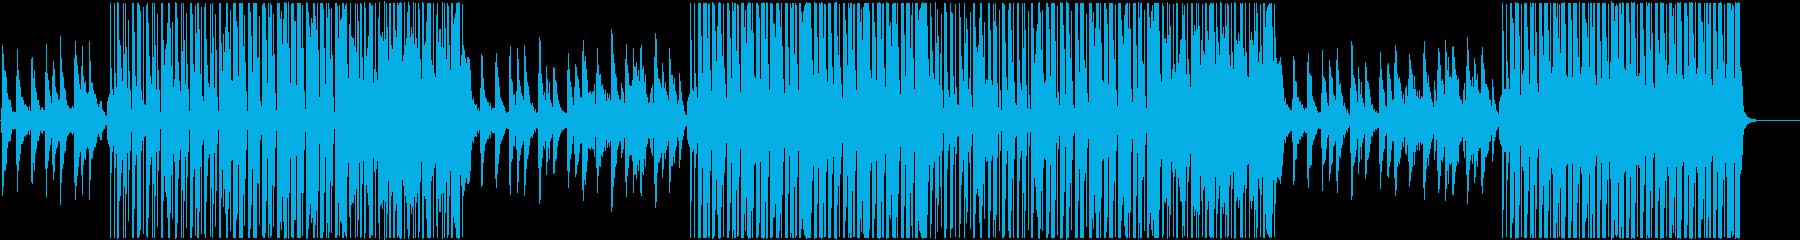 ポップでハッピーなレゲトントラック♬の再生済みの波形